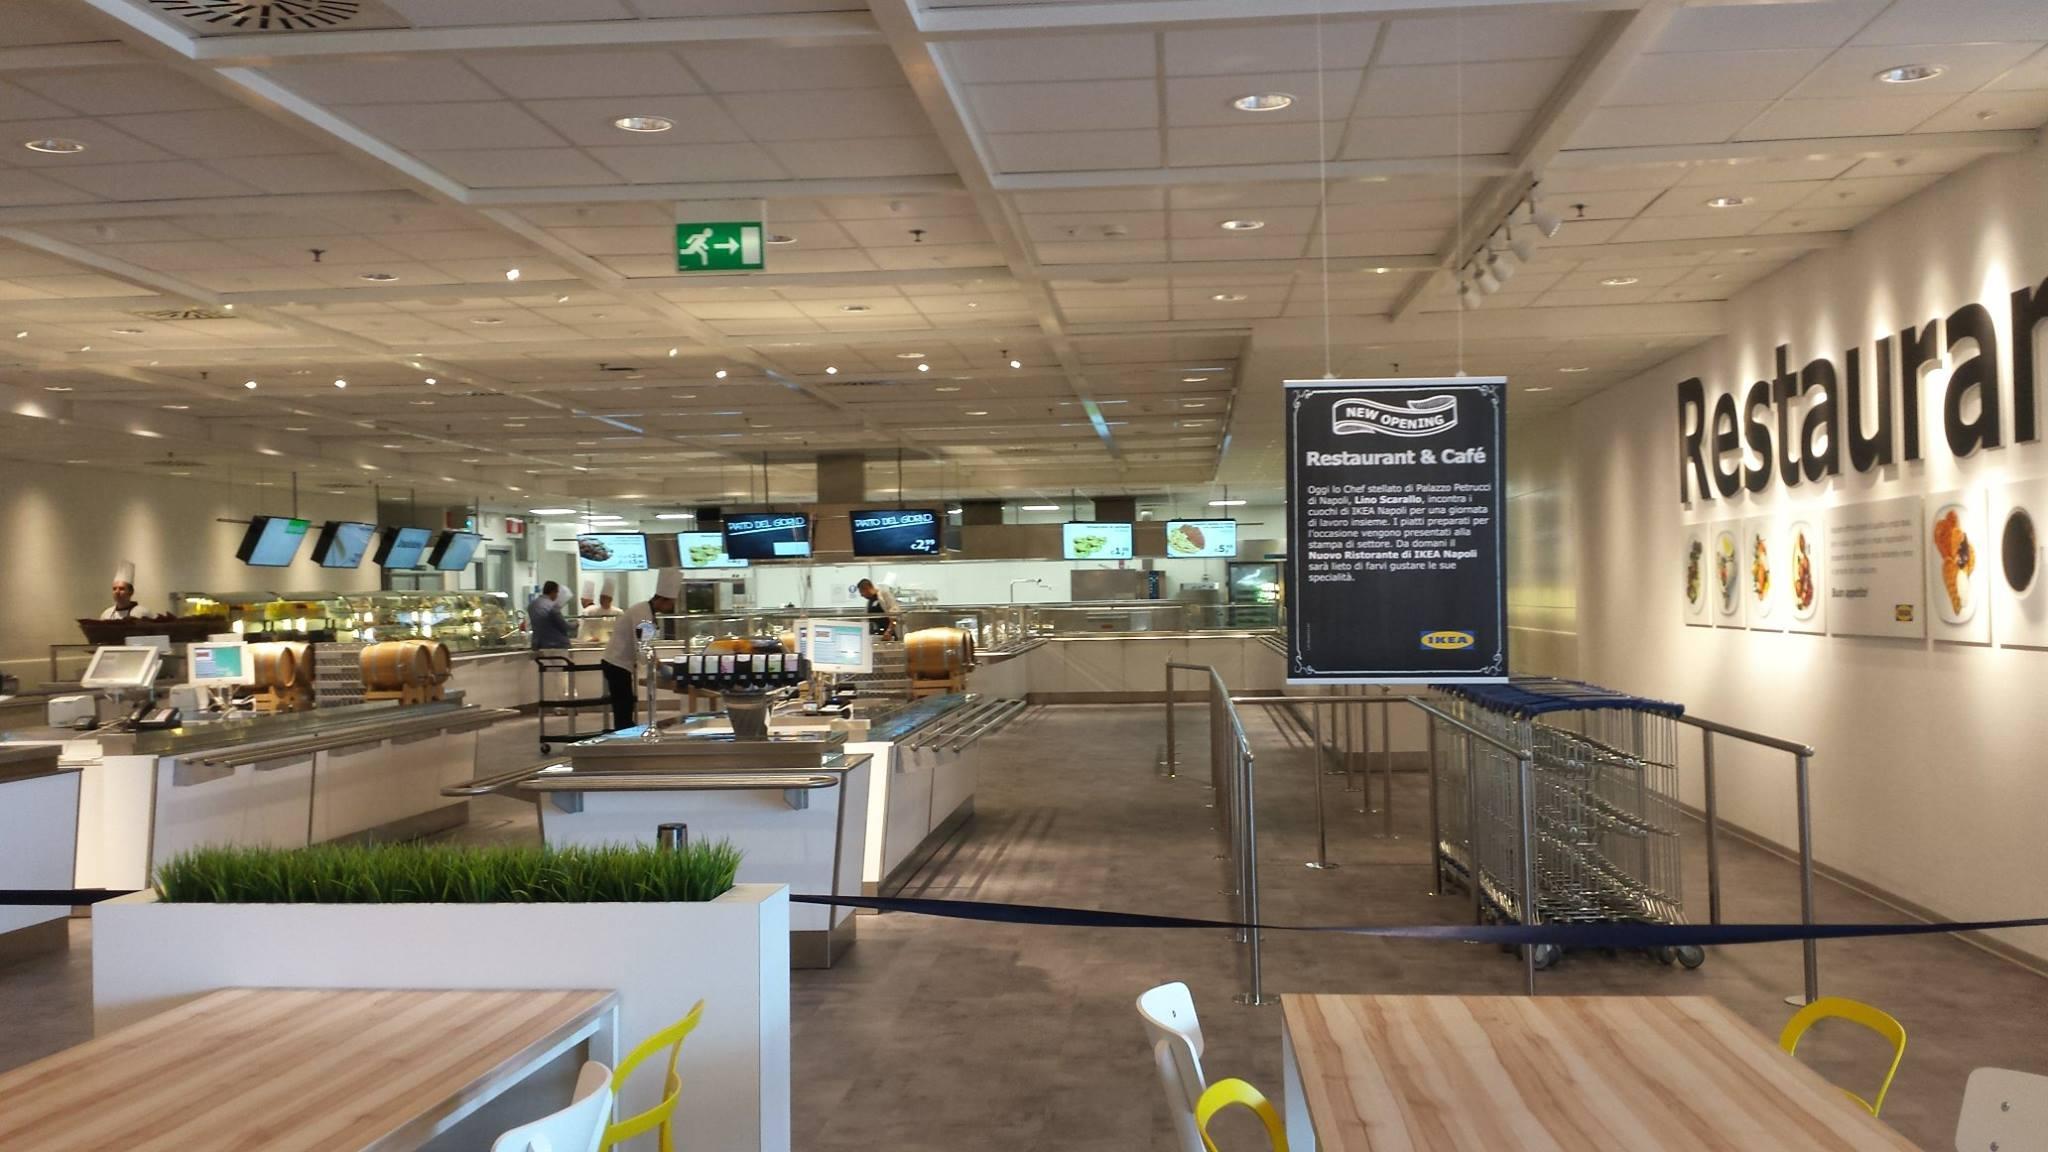 Apre il nuovo ristorante da IKEA di Afragola